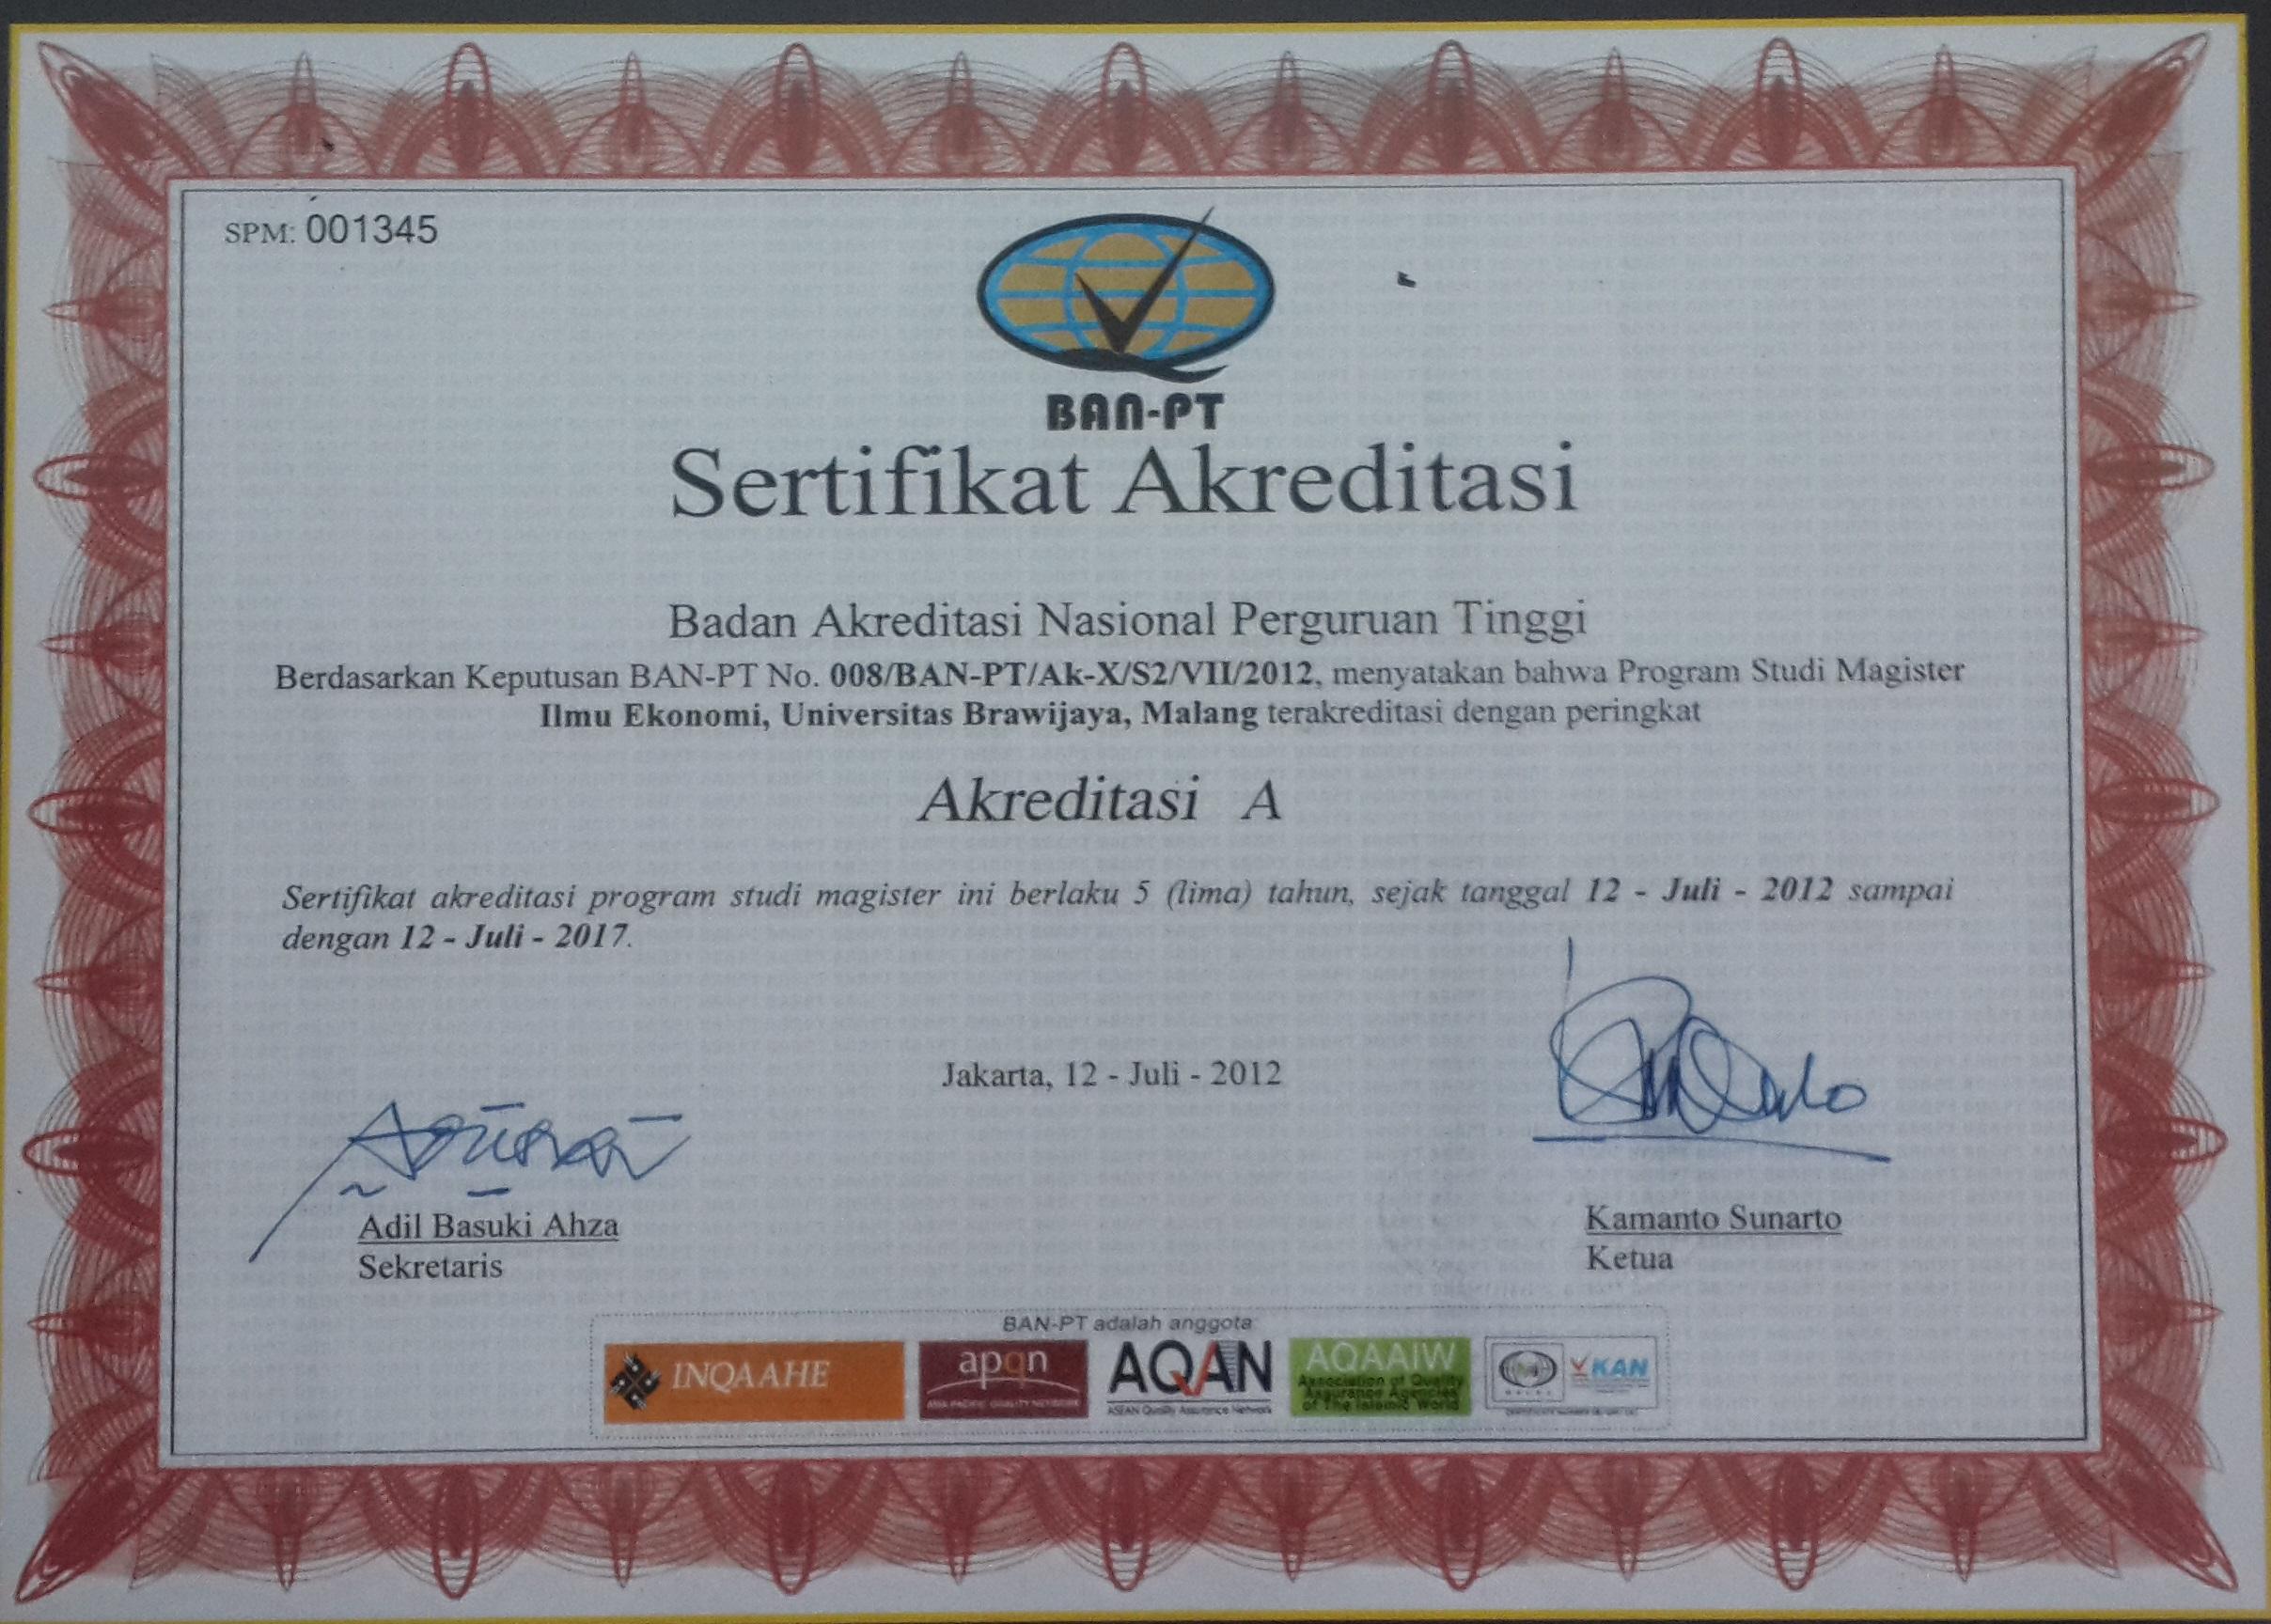 sertifikat akreditasi pmie